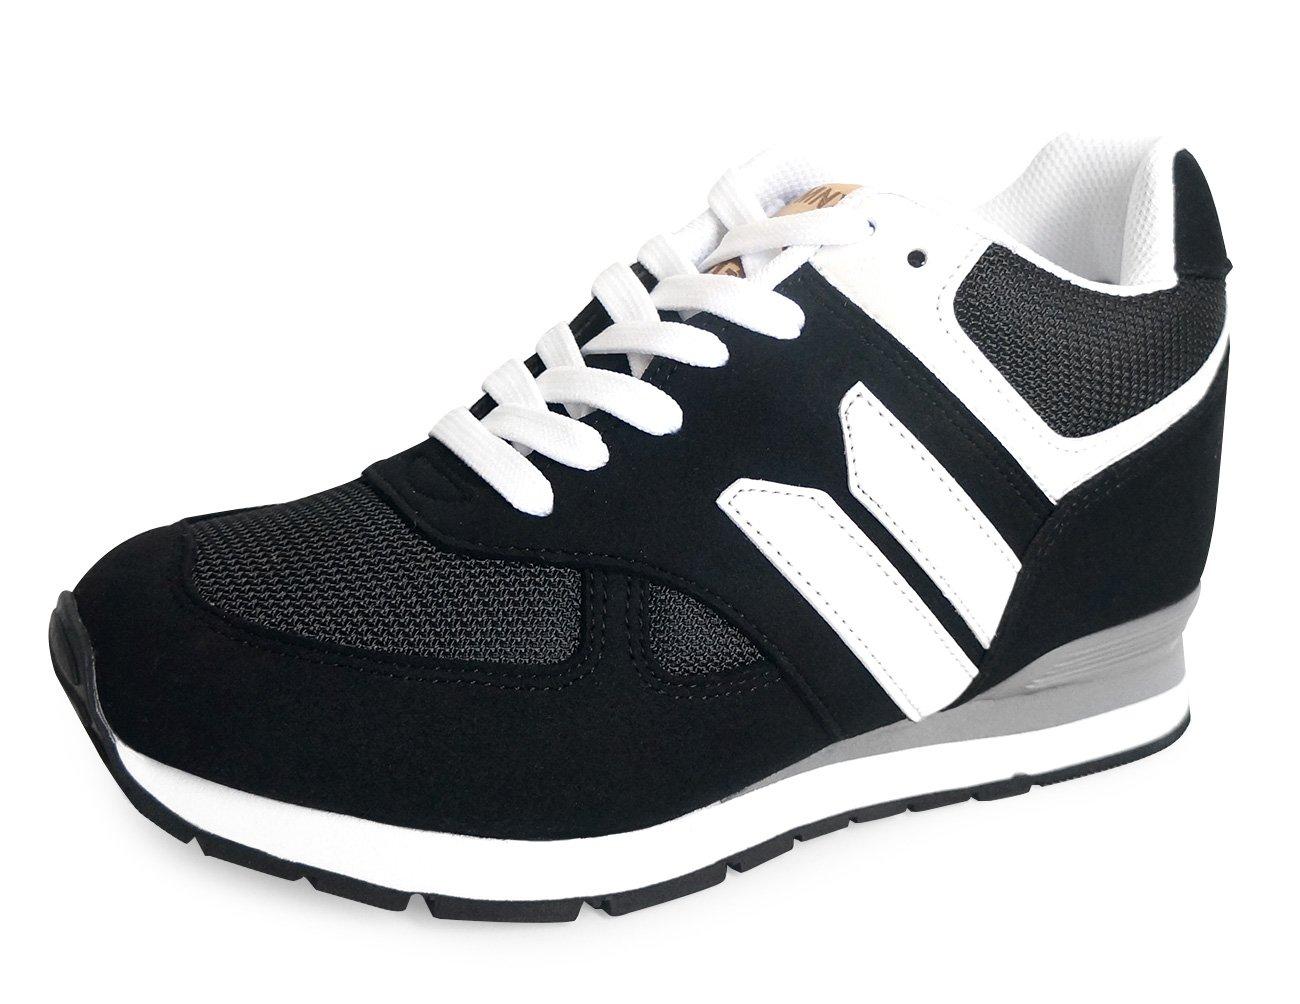 MNX15 Men's Elevator Shoes Height Increase 3.5'' ROBIN BLACK Wedge Sneakers High Heel Sneakers (8 D (M) US / 260mm (KOR), BLACK)